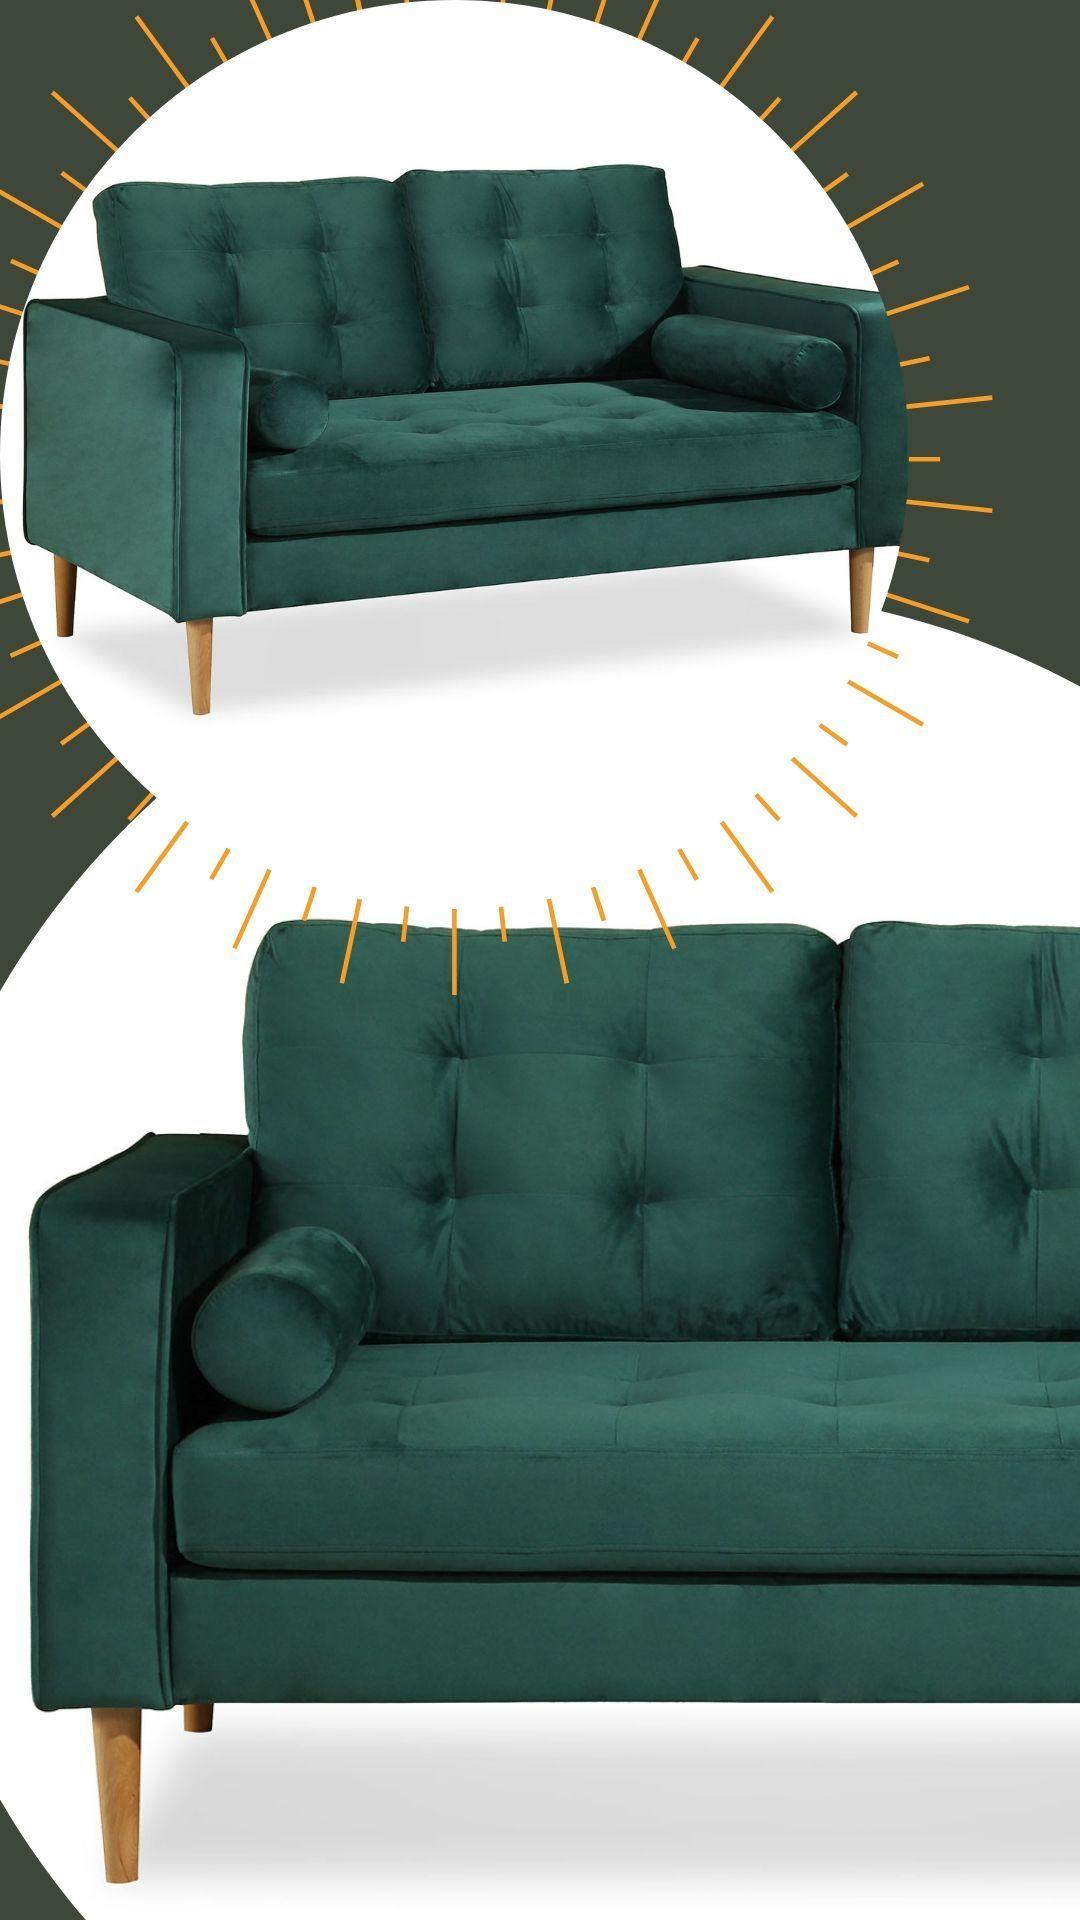 Glammy 2 Sitzer Sofa Mit Samtbezug Fusse Buche Massiv Sofa 2 Sitzer Sofa 2er Sofa